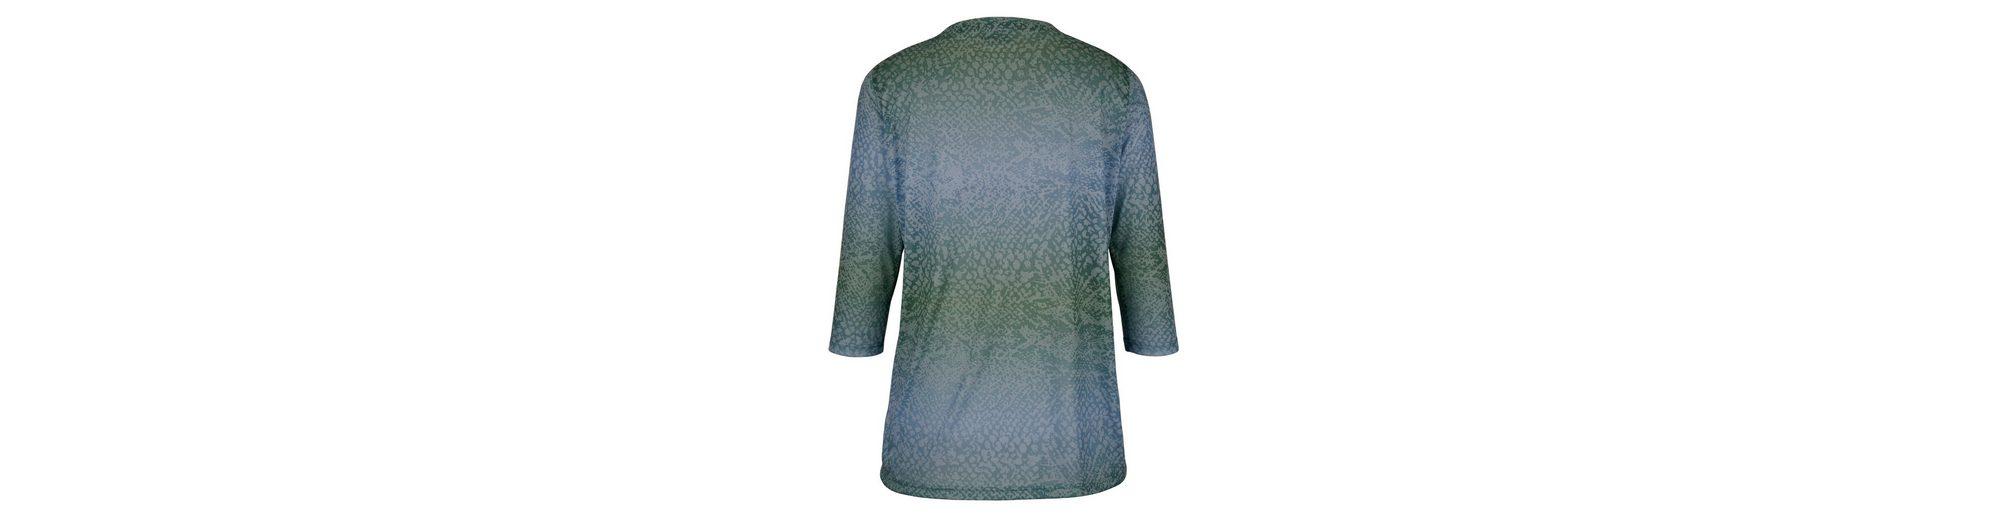 MIAMODA Shirt in Ausbrenner-Qualität Günstige Austrittsstellen Bester Großhandel Erkunden Online Guter Service WvjMTXa2